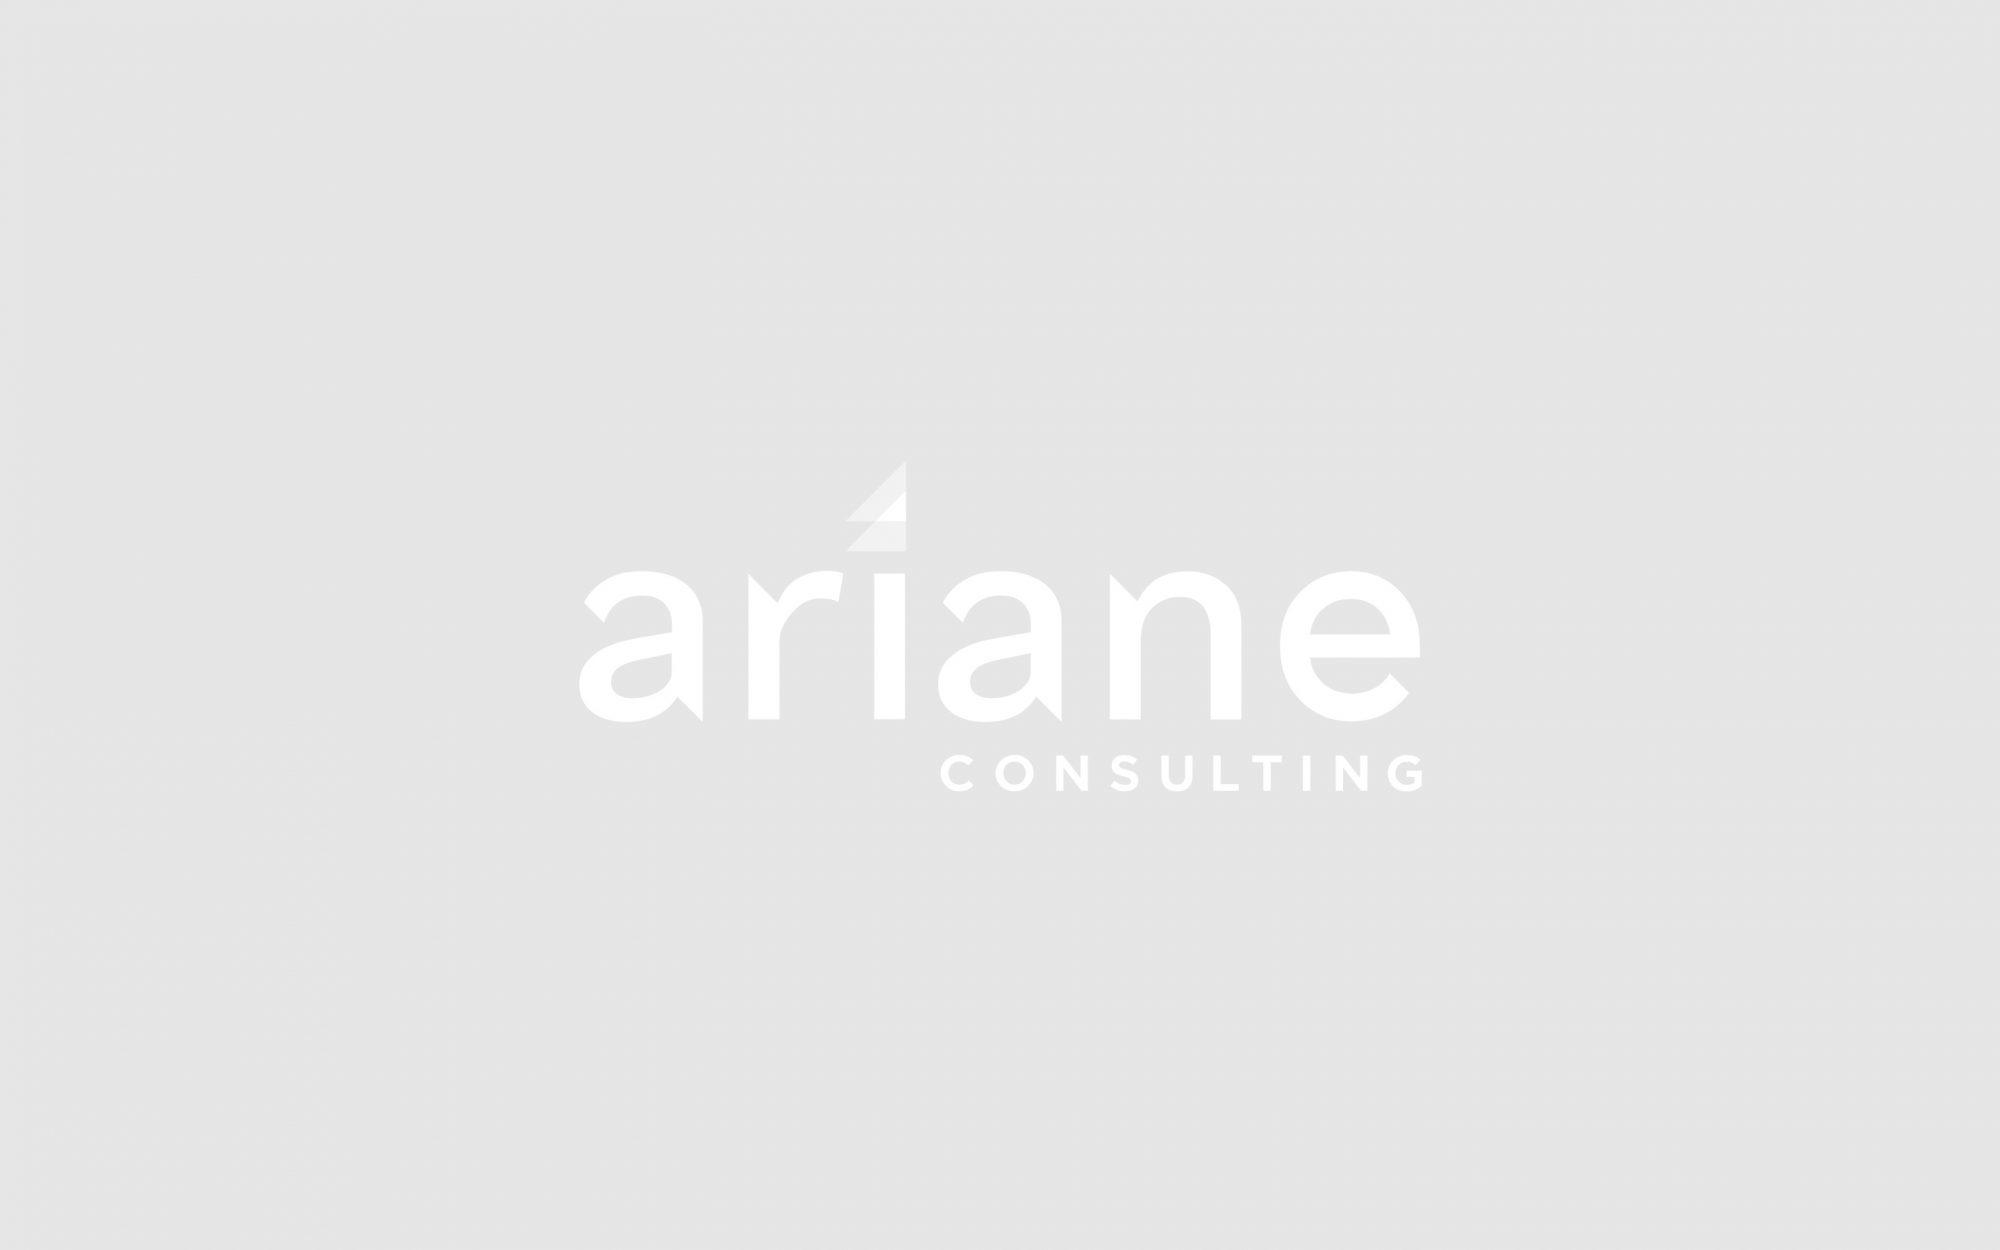 Senior [Digital] Marketing Consultant